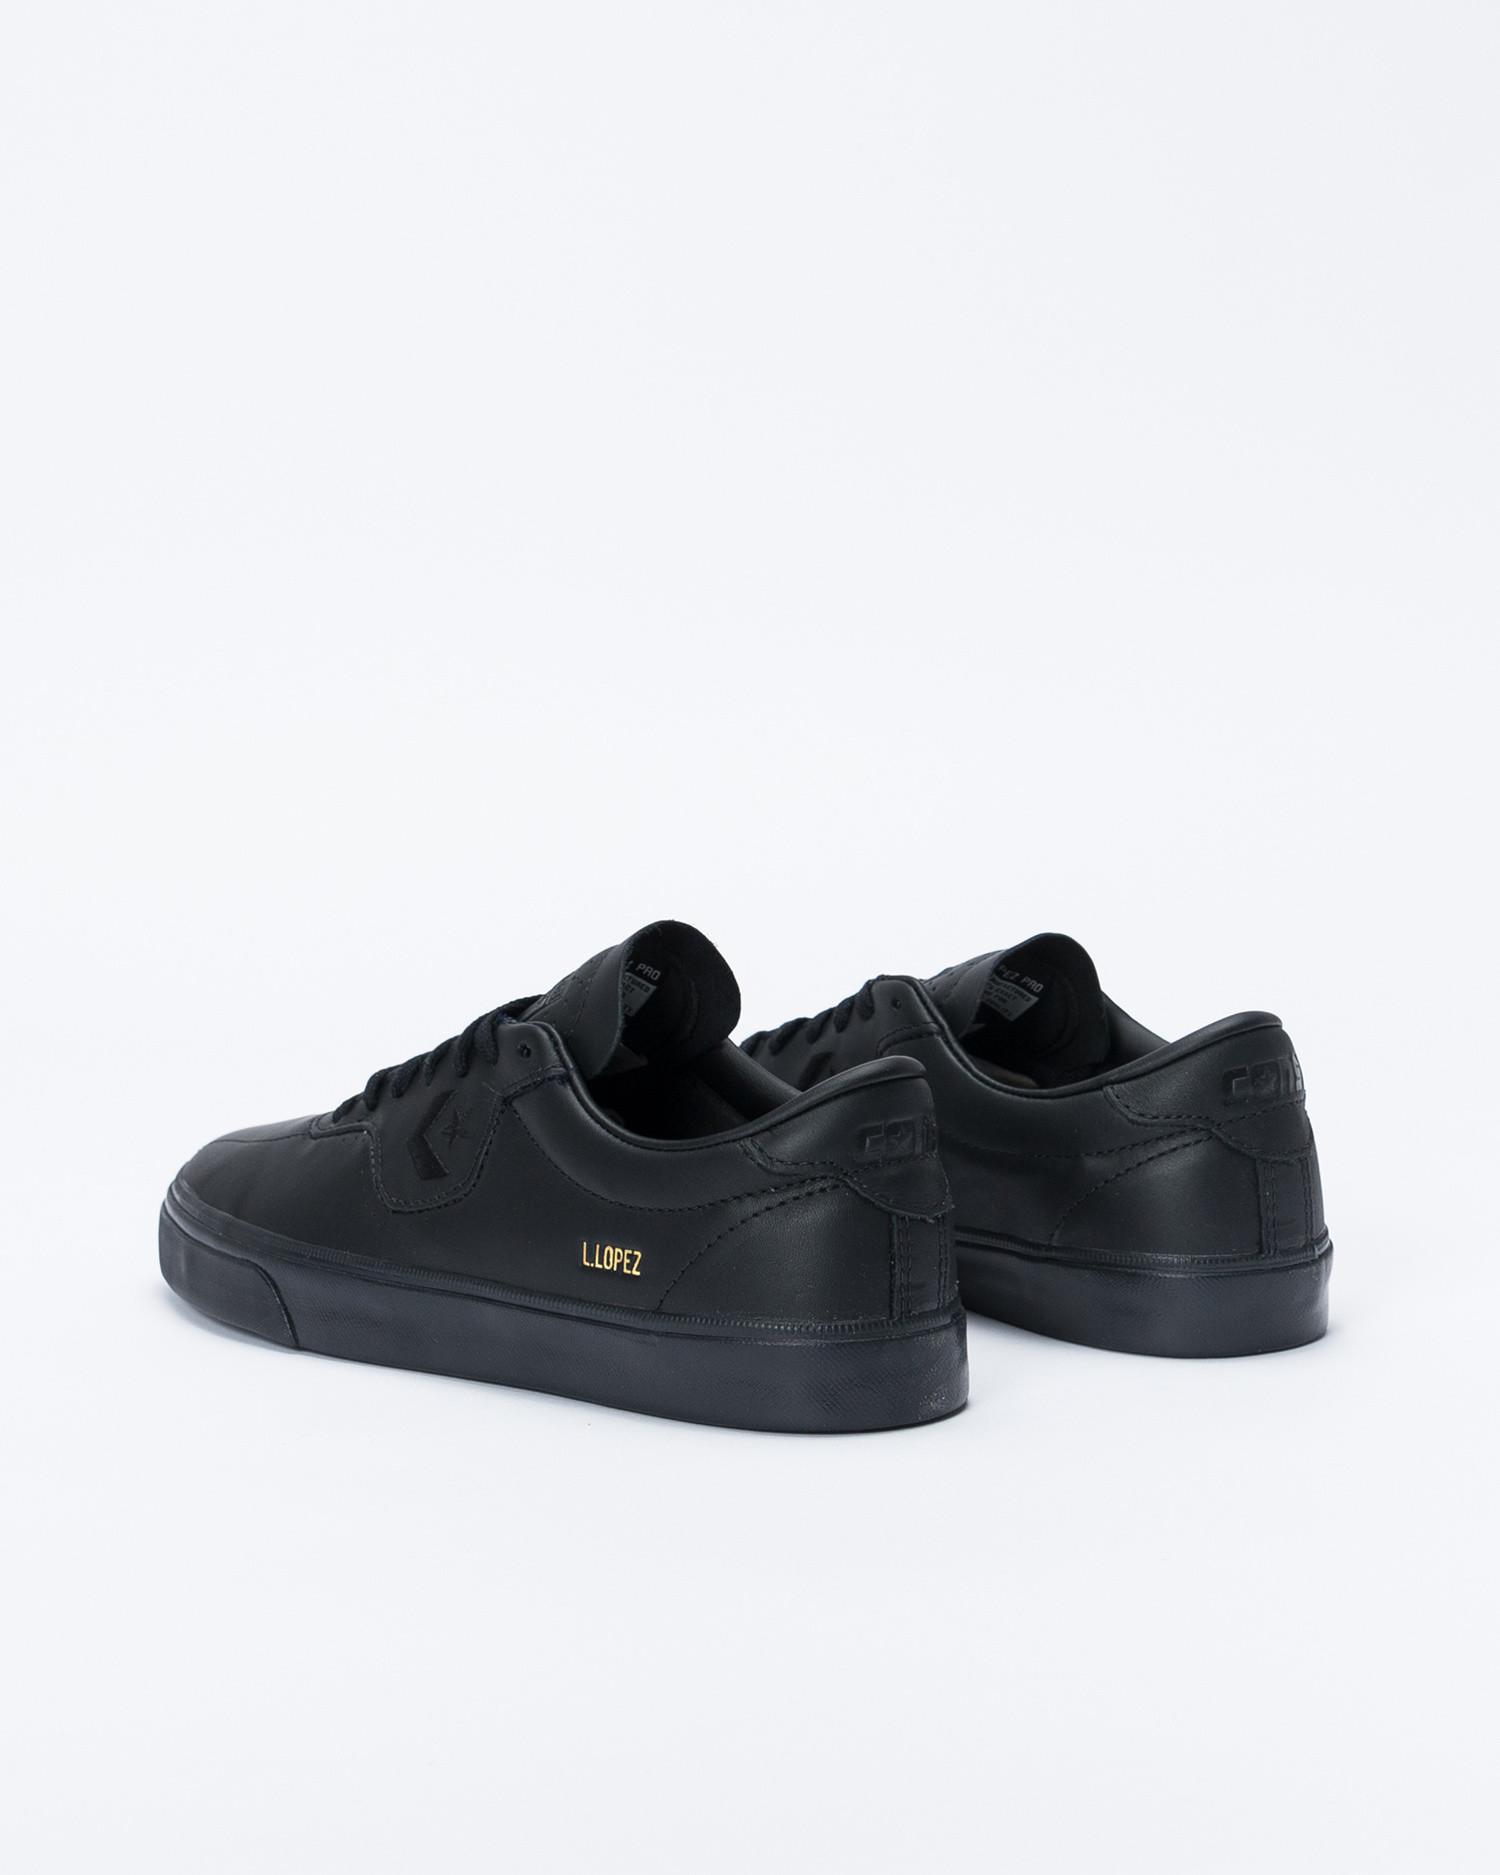 Converse Louie Lopez Pro OX Black/Black/Black